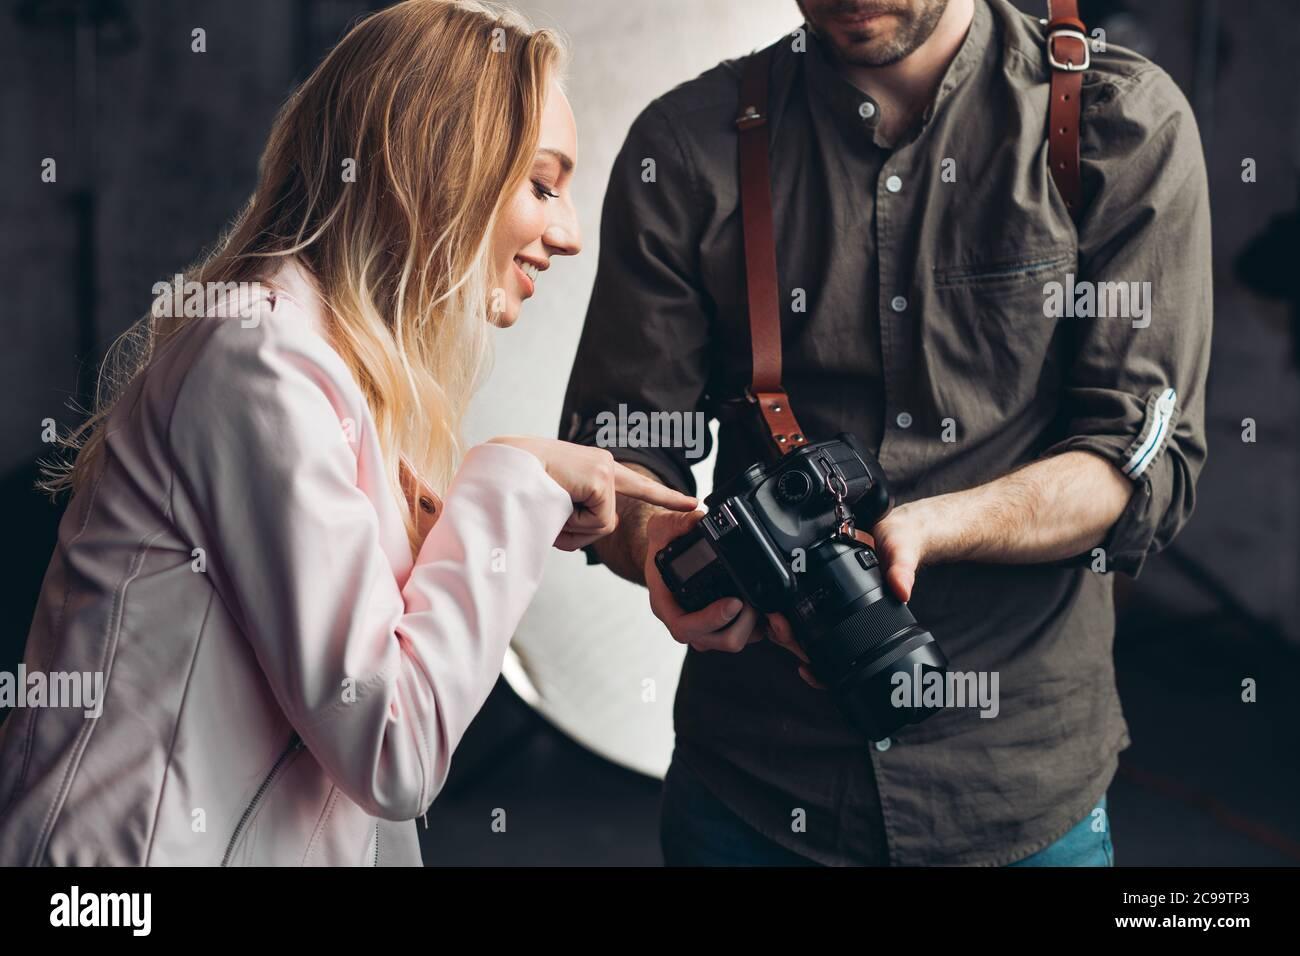 bella ragazza impressionante che punta alla foto mentre lavora con un fotografo, ragazza allegra che dà consigli per il fotografo in studio Foto Stock